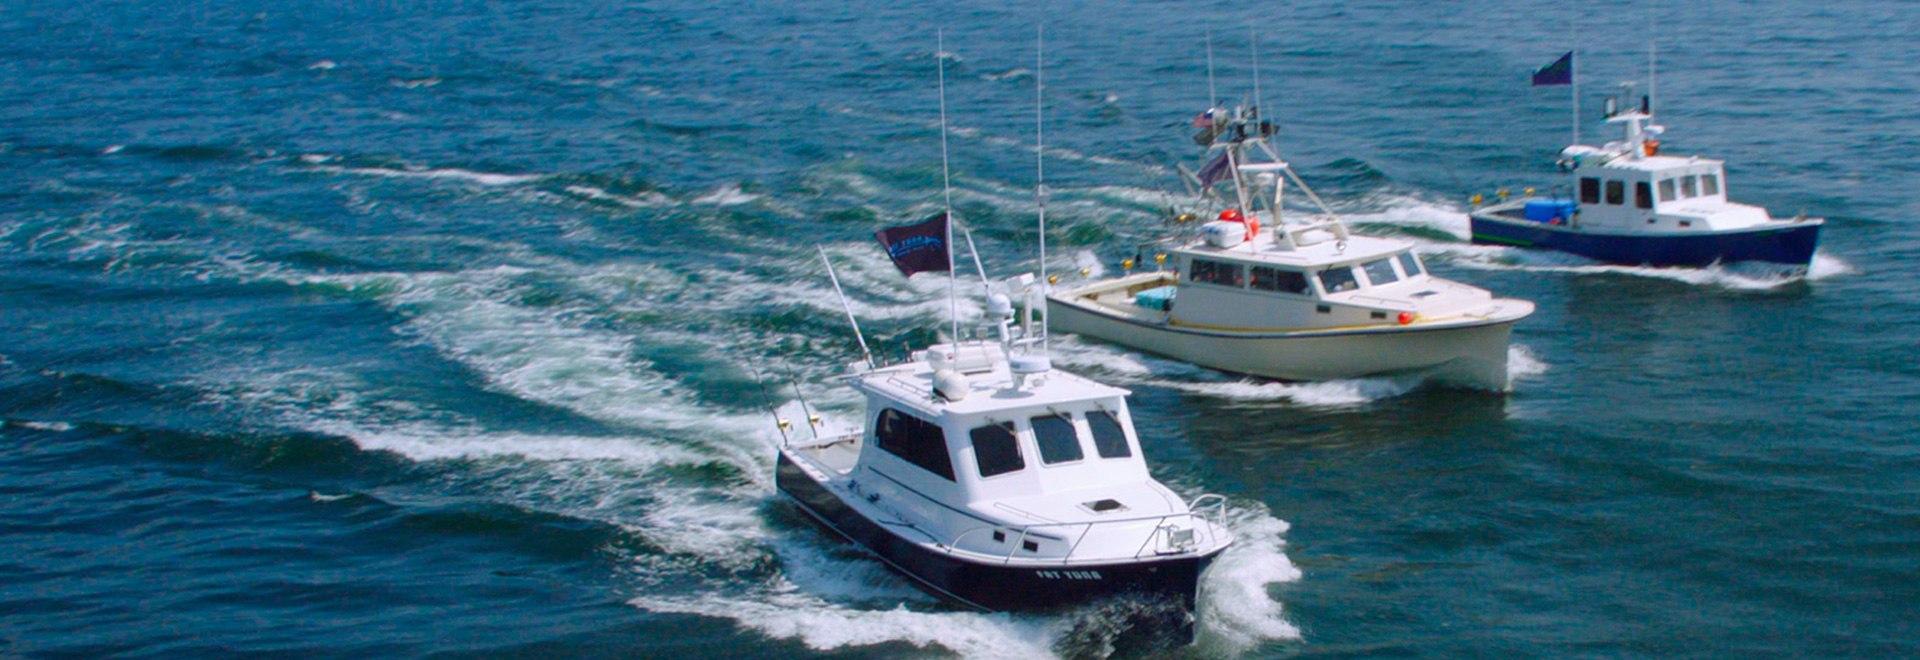 Pesca finale